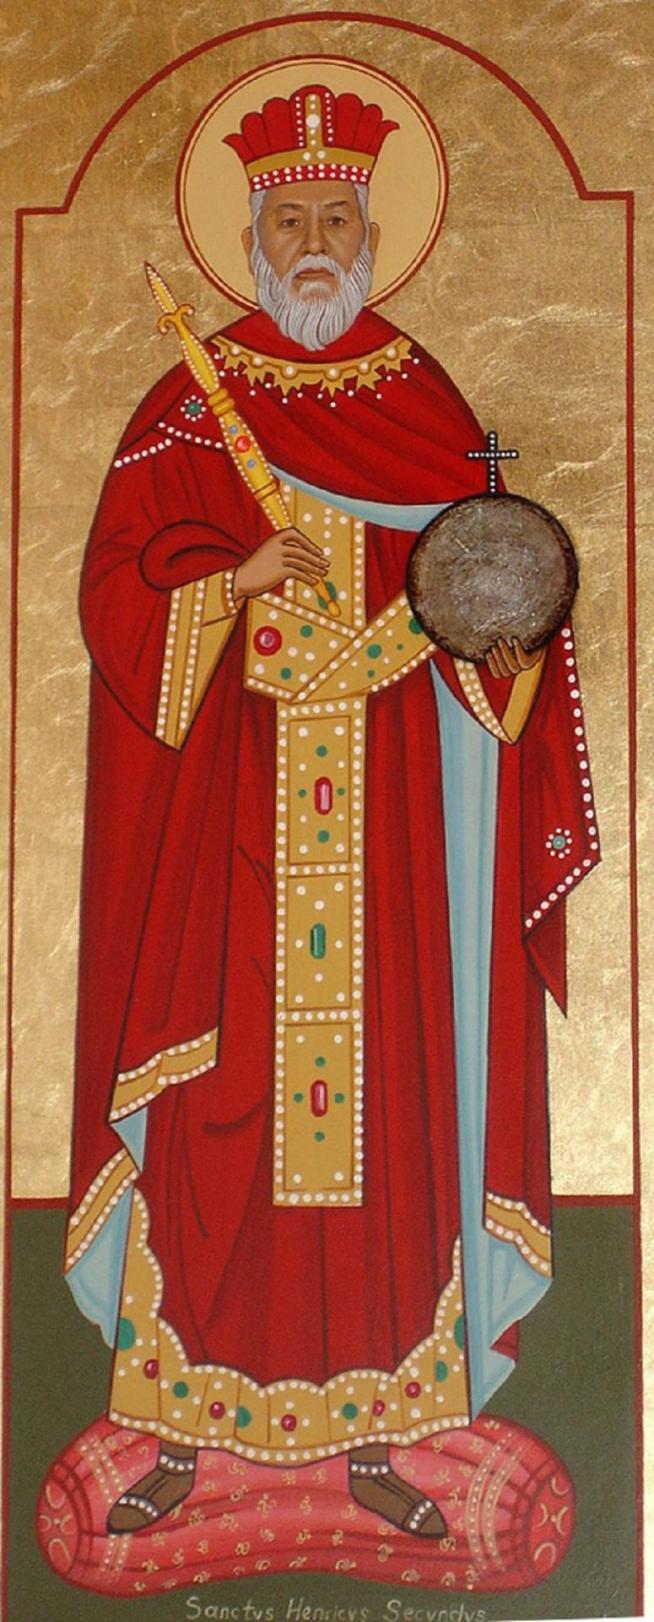 Saint henri ii empereur d allemagne 11